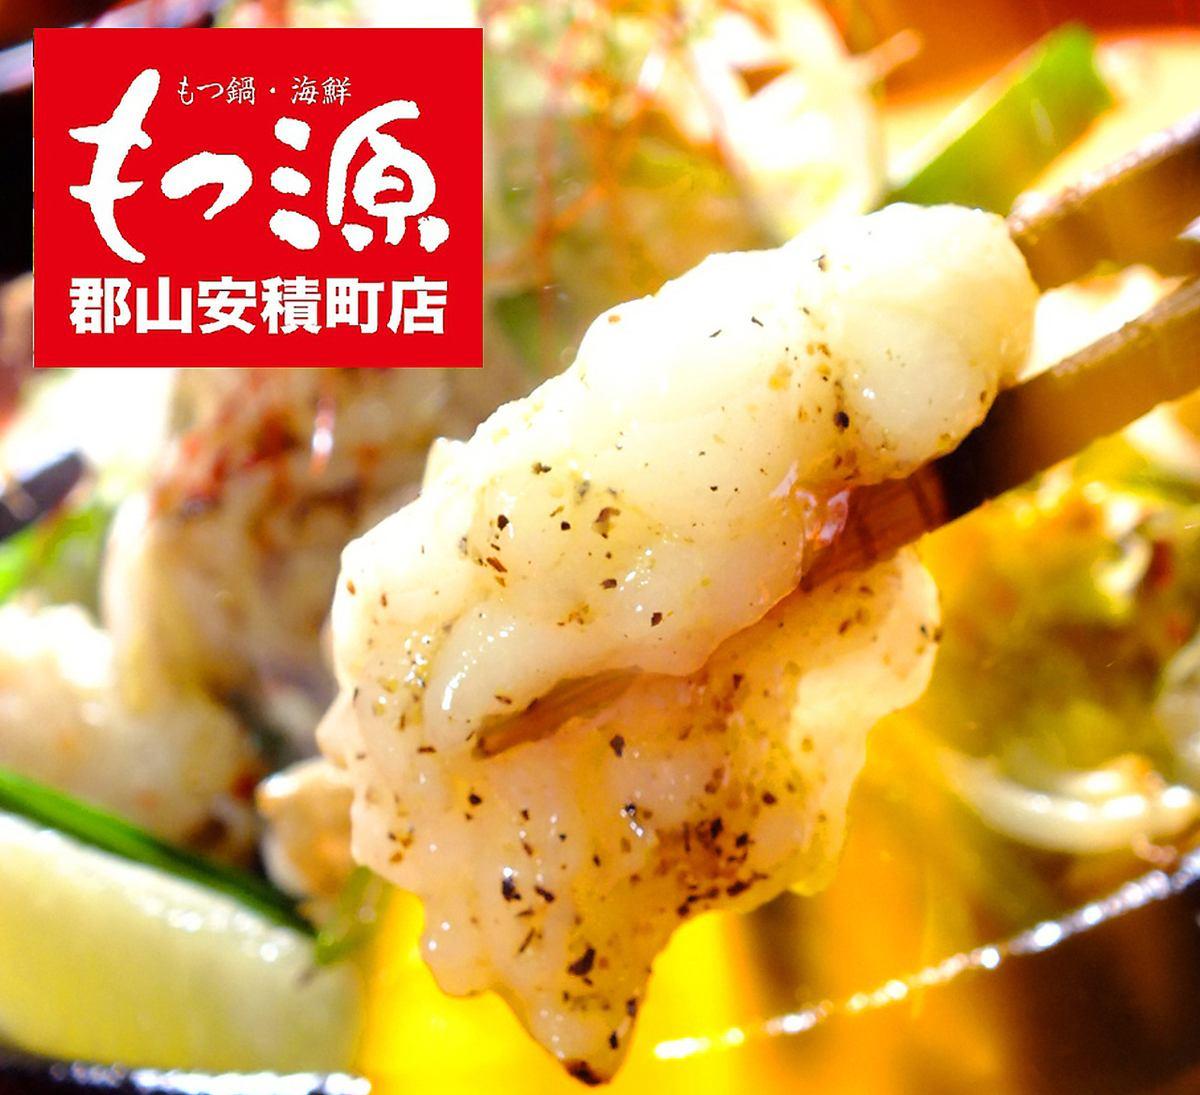 6/1更新!所有你可以吃yakiniku饮料所有你可以喝120分钟2780日元〜!